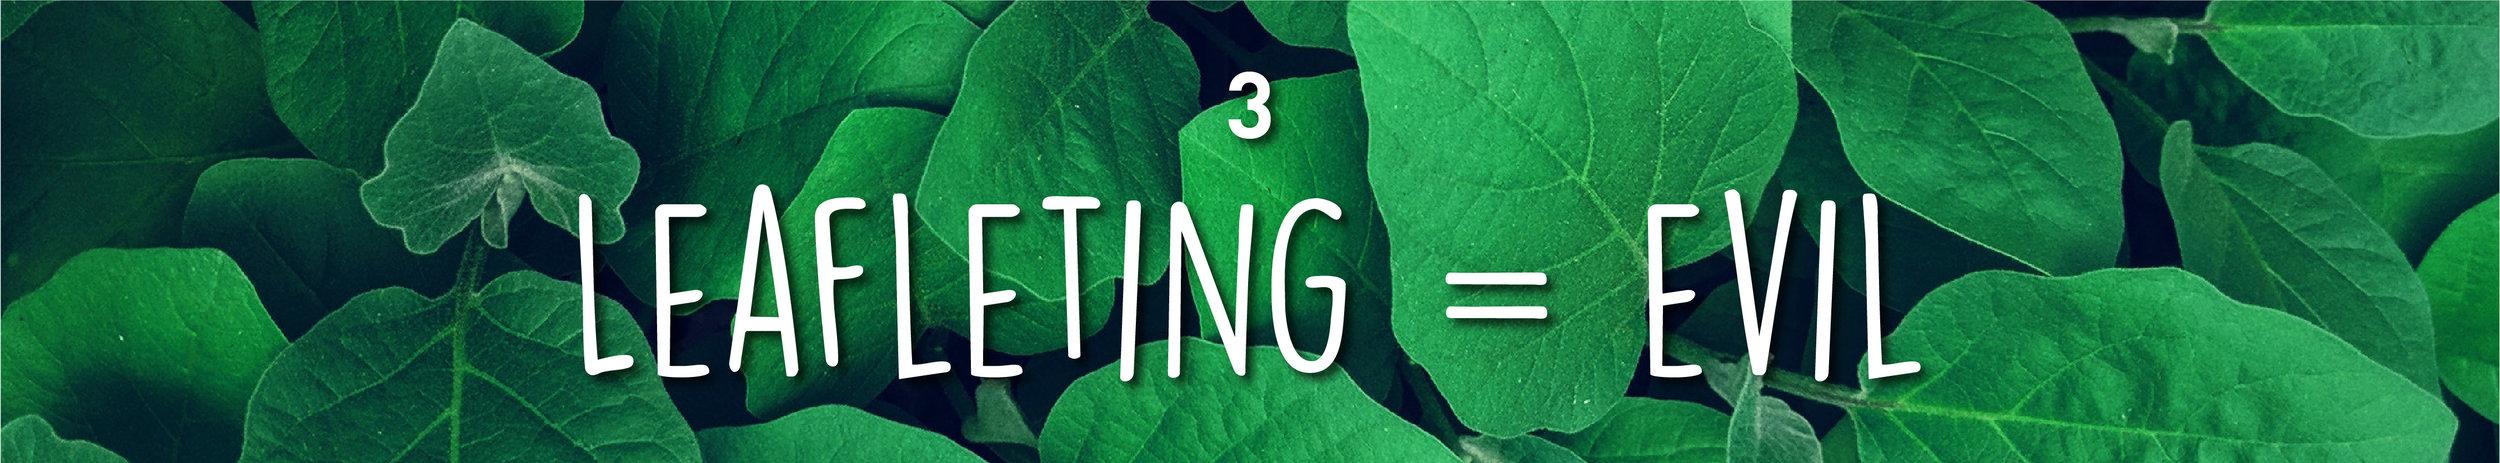 Week34-SustainableMarketing_InBlog_1 copy 15.jpg